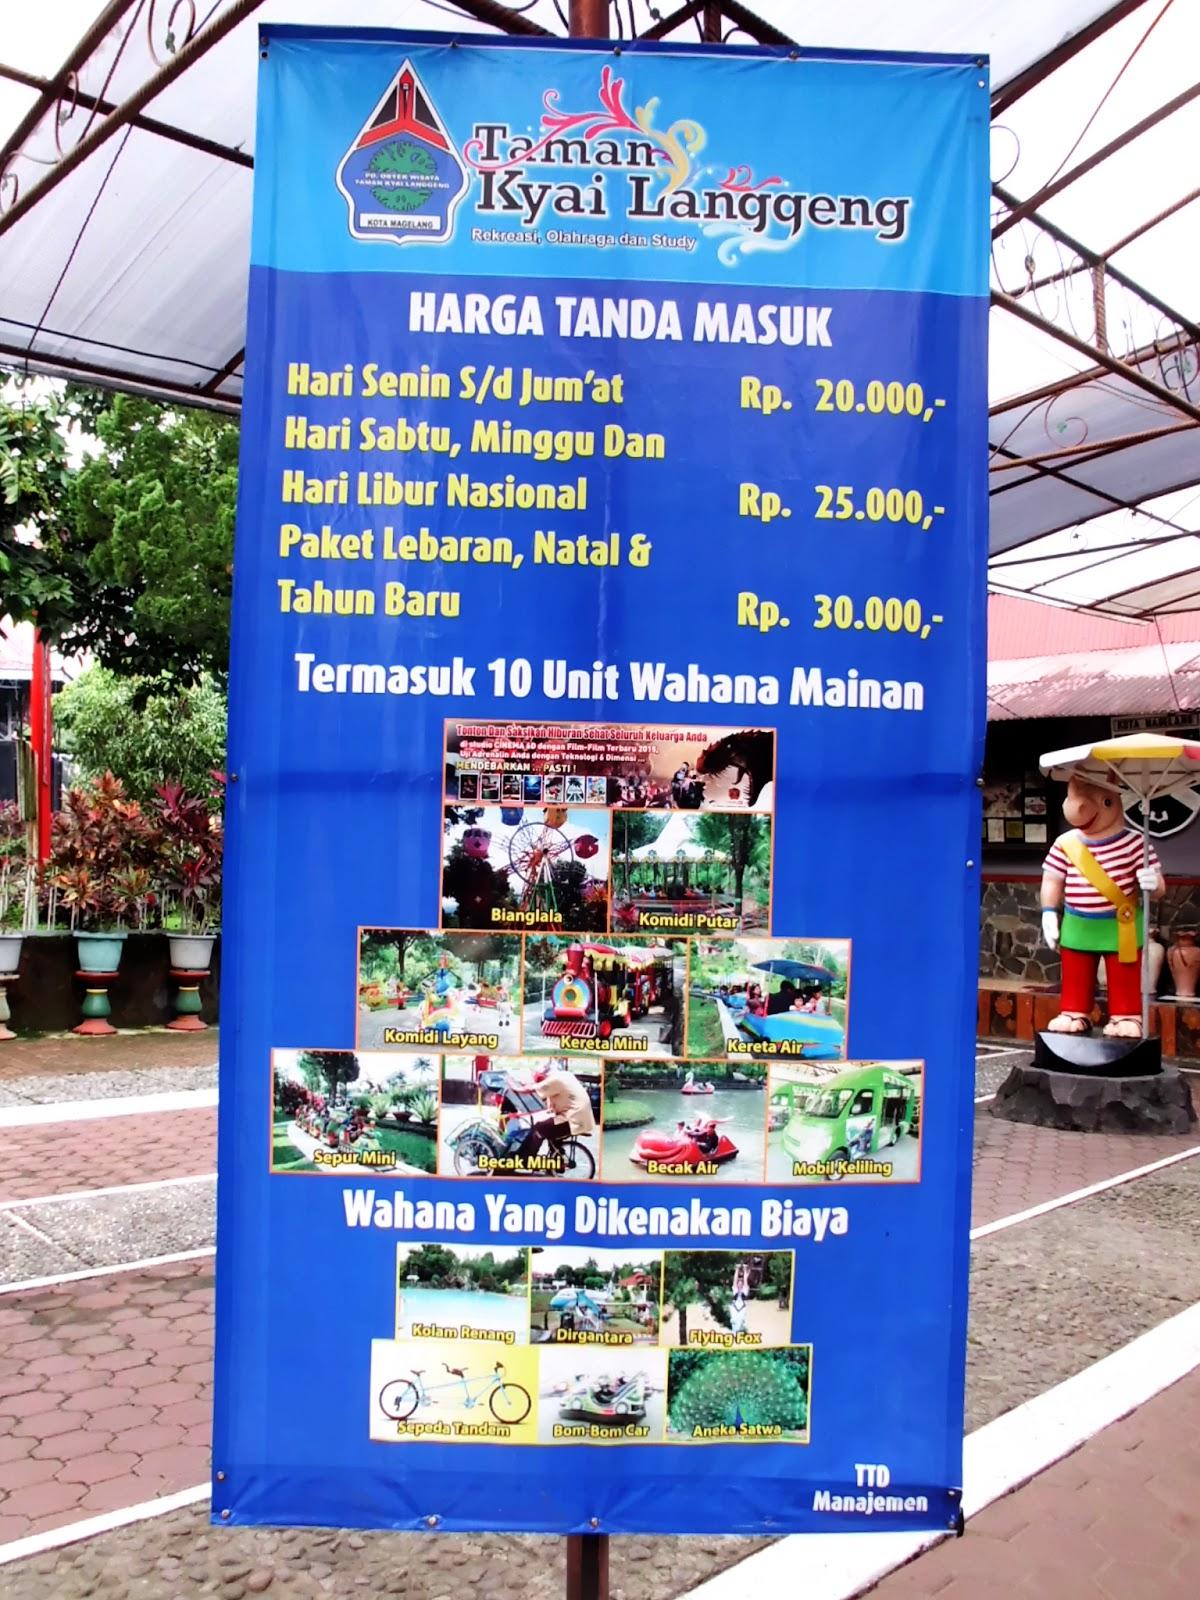 Loket Taman Kyai Langgeng Media Pomosi Tempat Wisata Kuliner Kiai